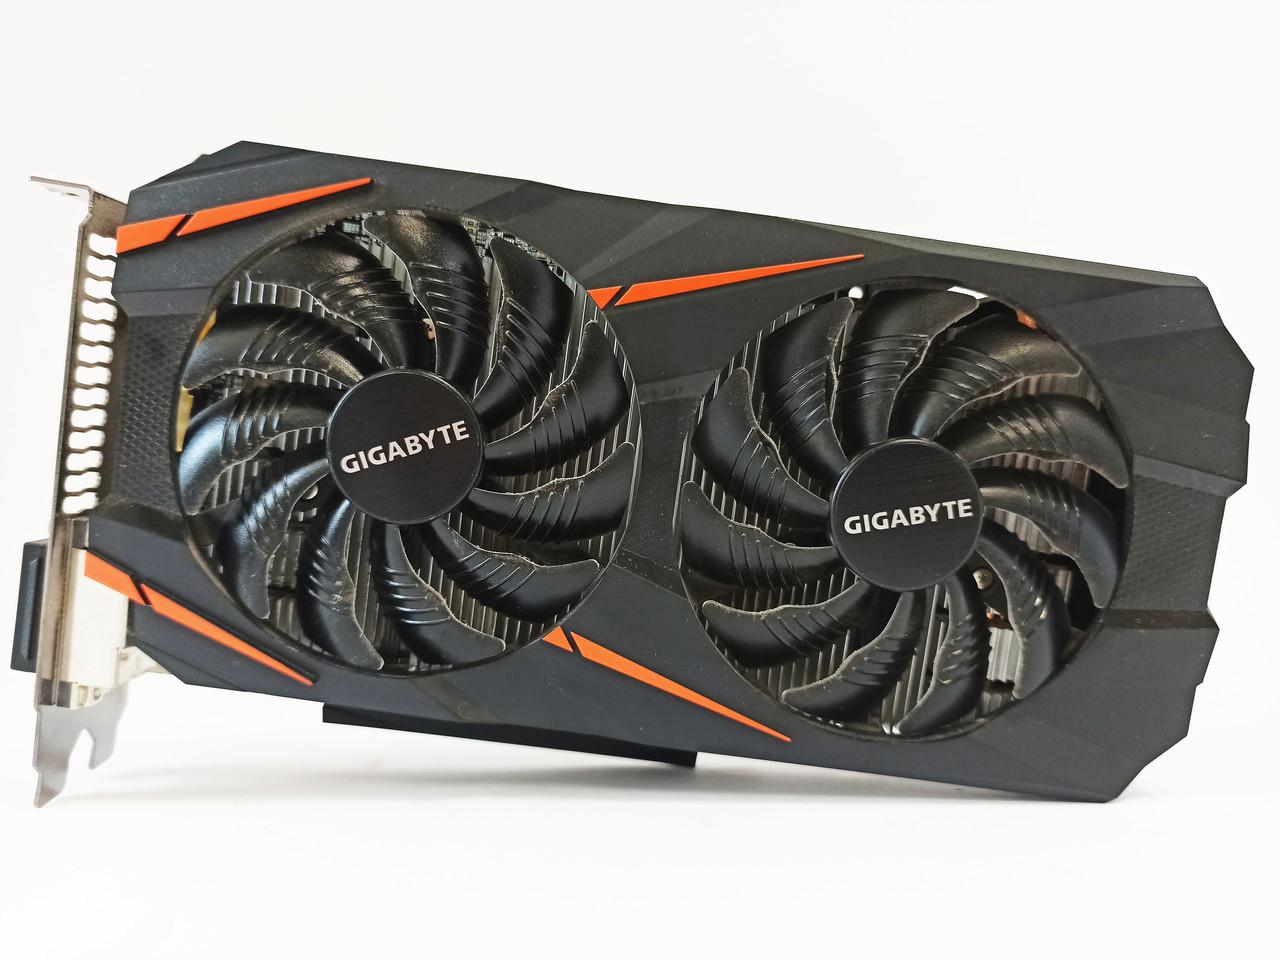 Видеокарта Gigabyte GTX 1060 (3GB/GDDR5/192bit) GV-N1060WF2OC-3GD-MI БУ